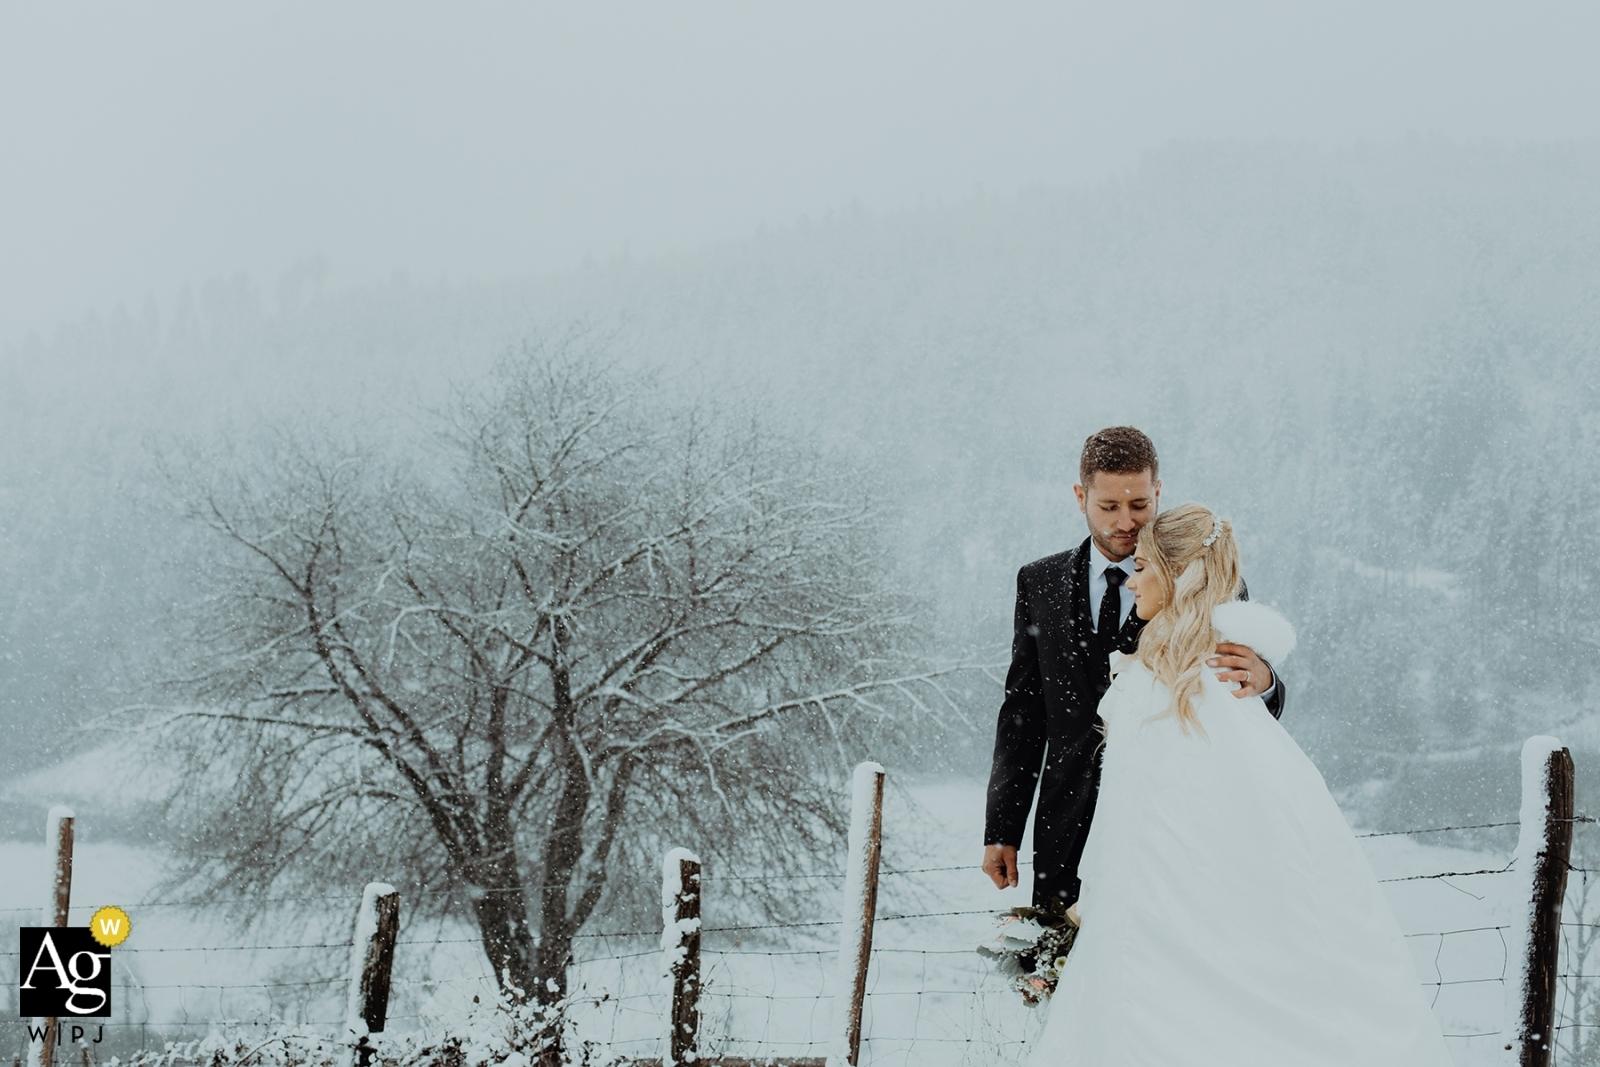 Photographe de mariage à Lyon récompensé. Les mariages d'automne et d'hiver